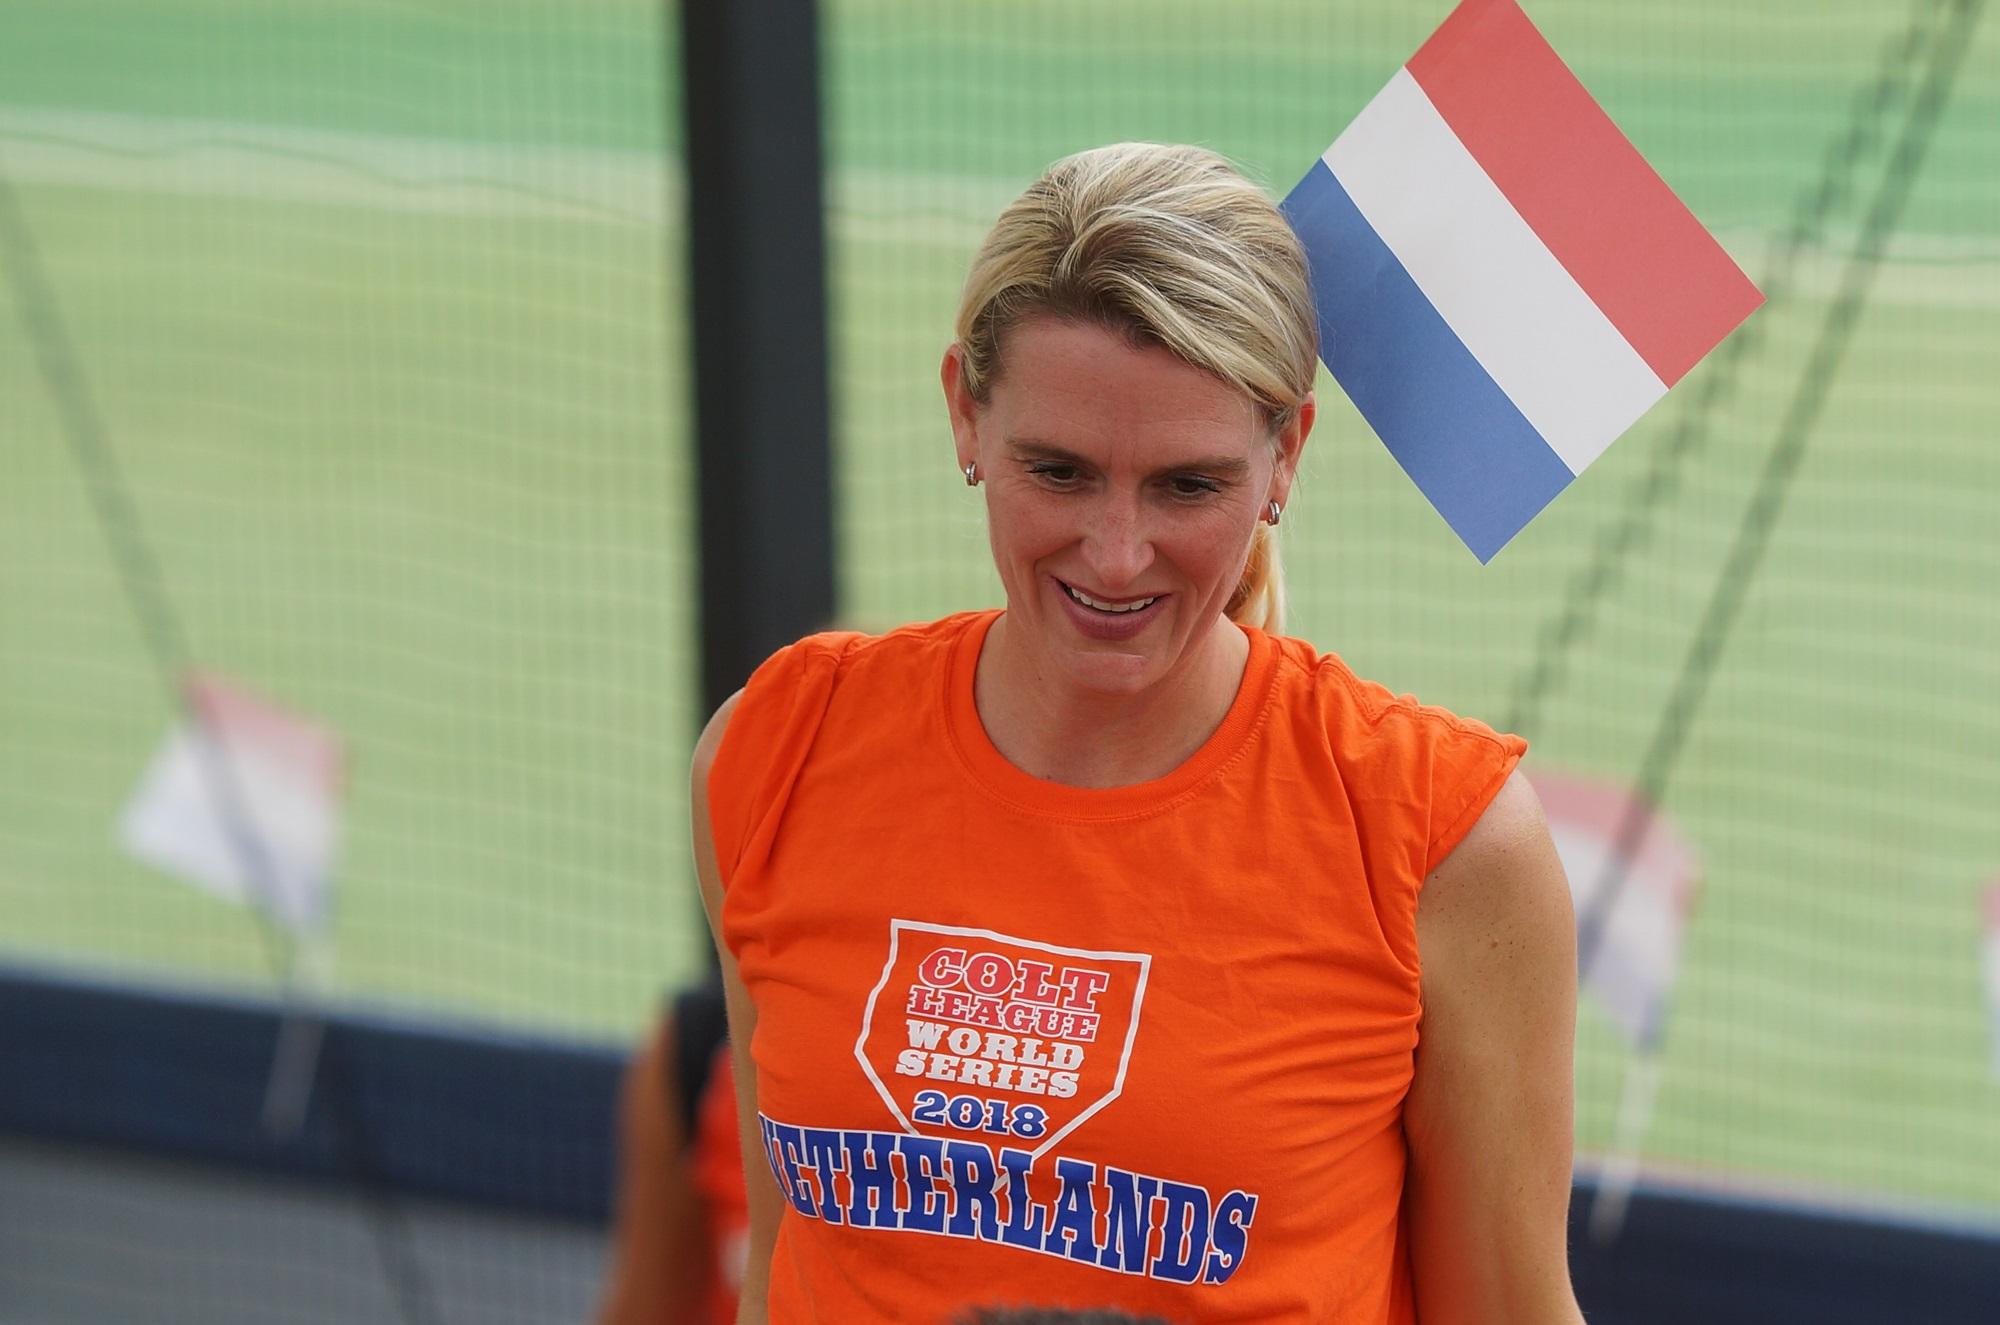 Dutch fans always colourful